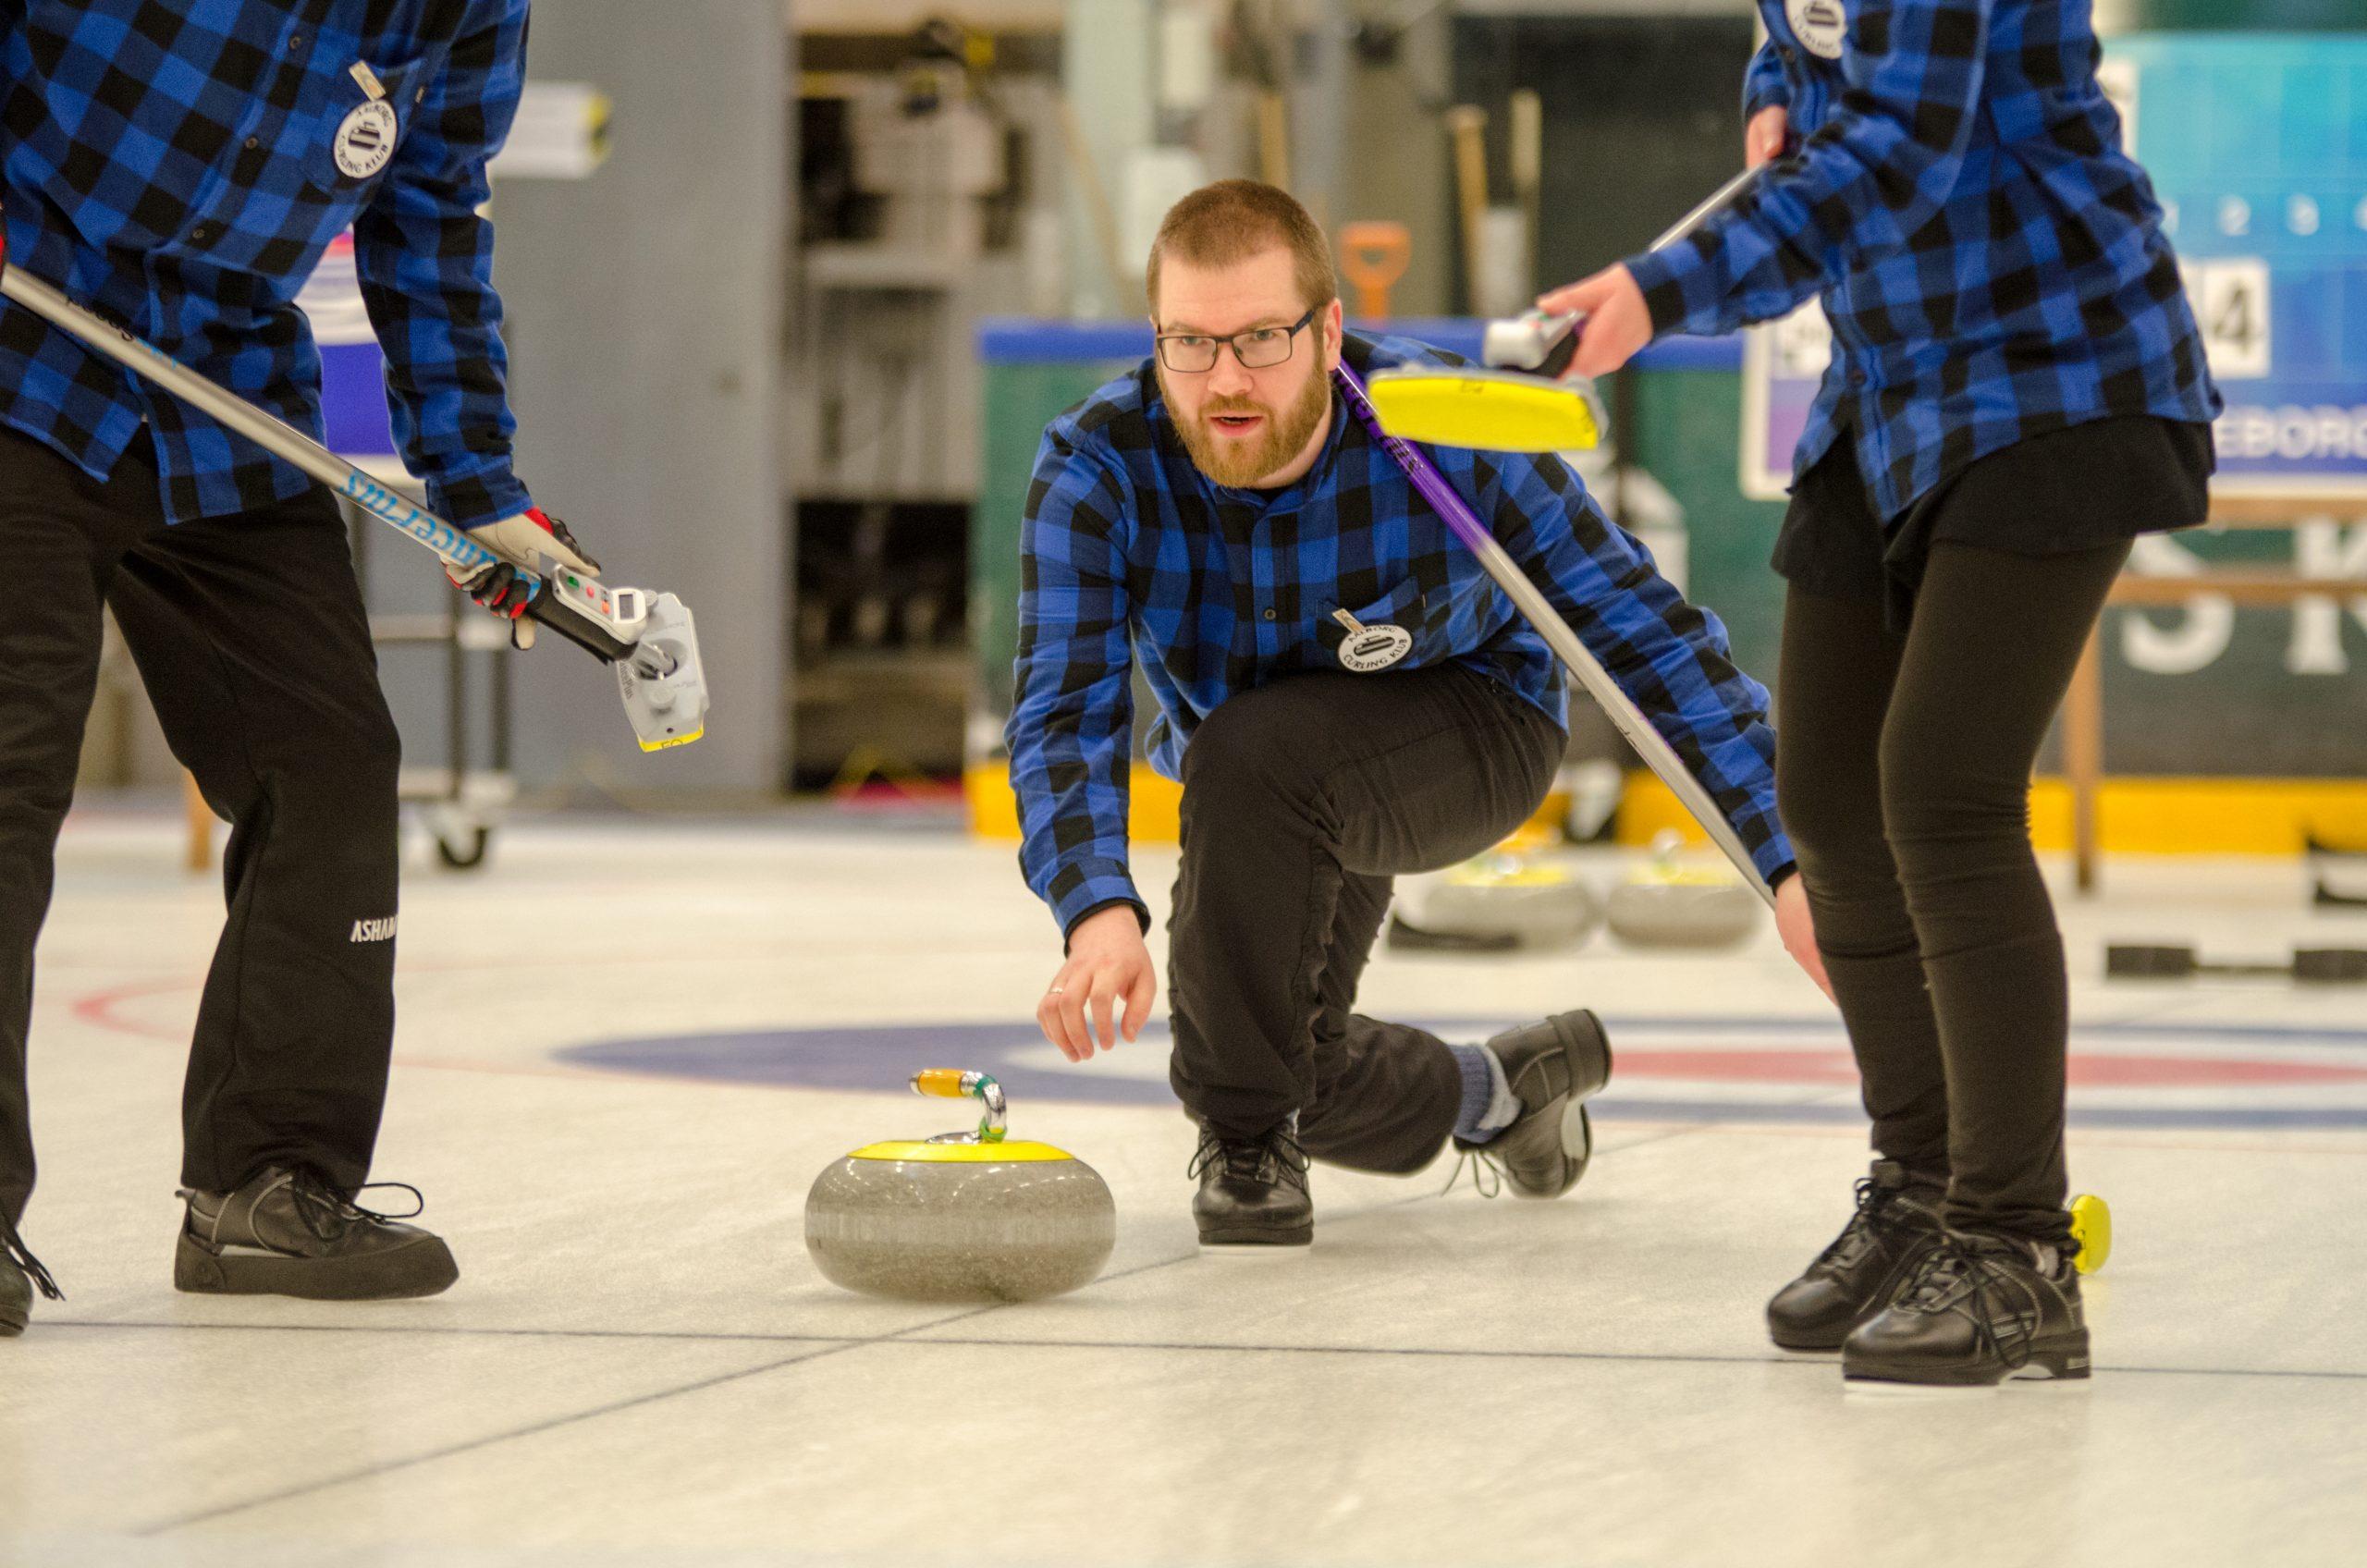 Så skal der fejes: Kom til curling-kursus i Gigantium